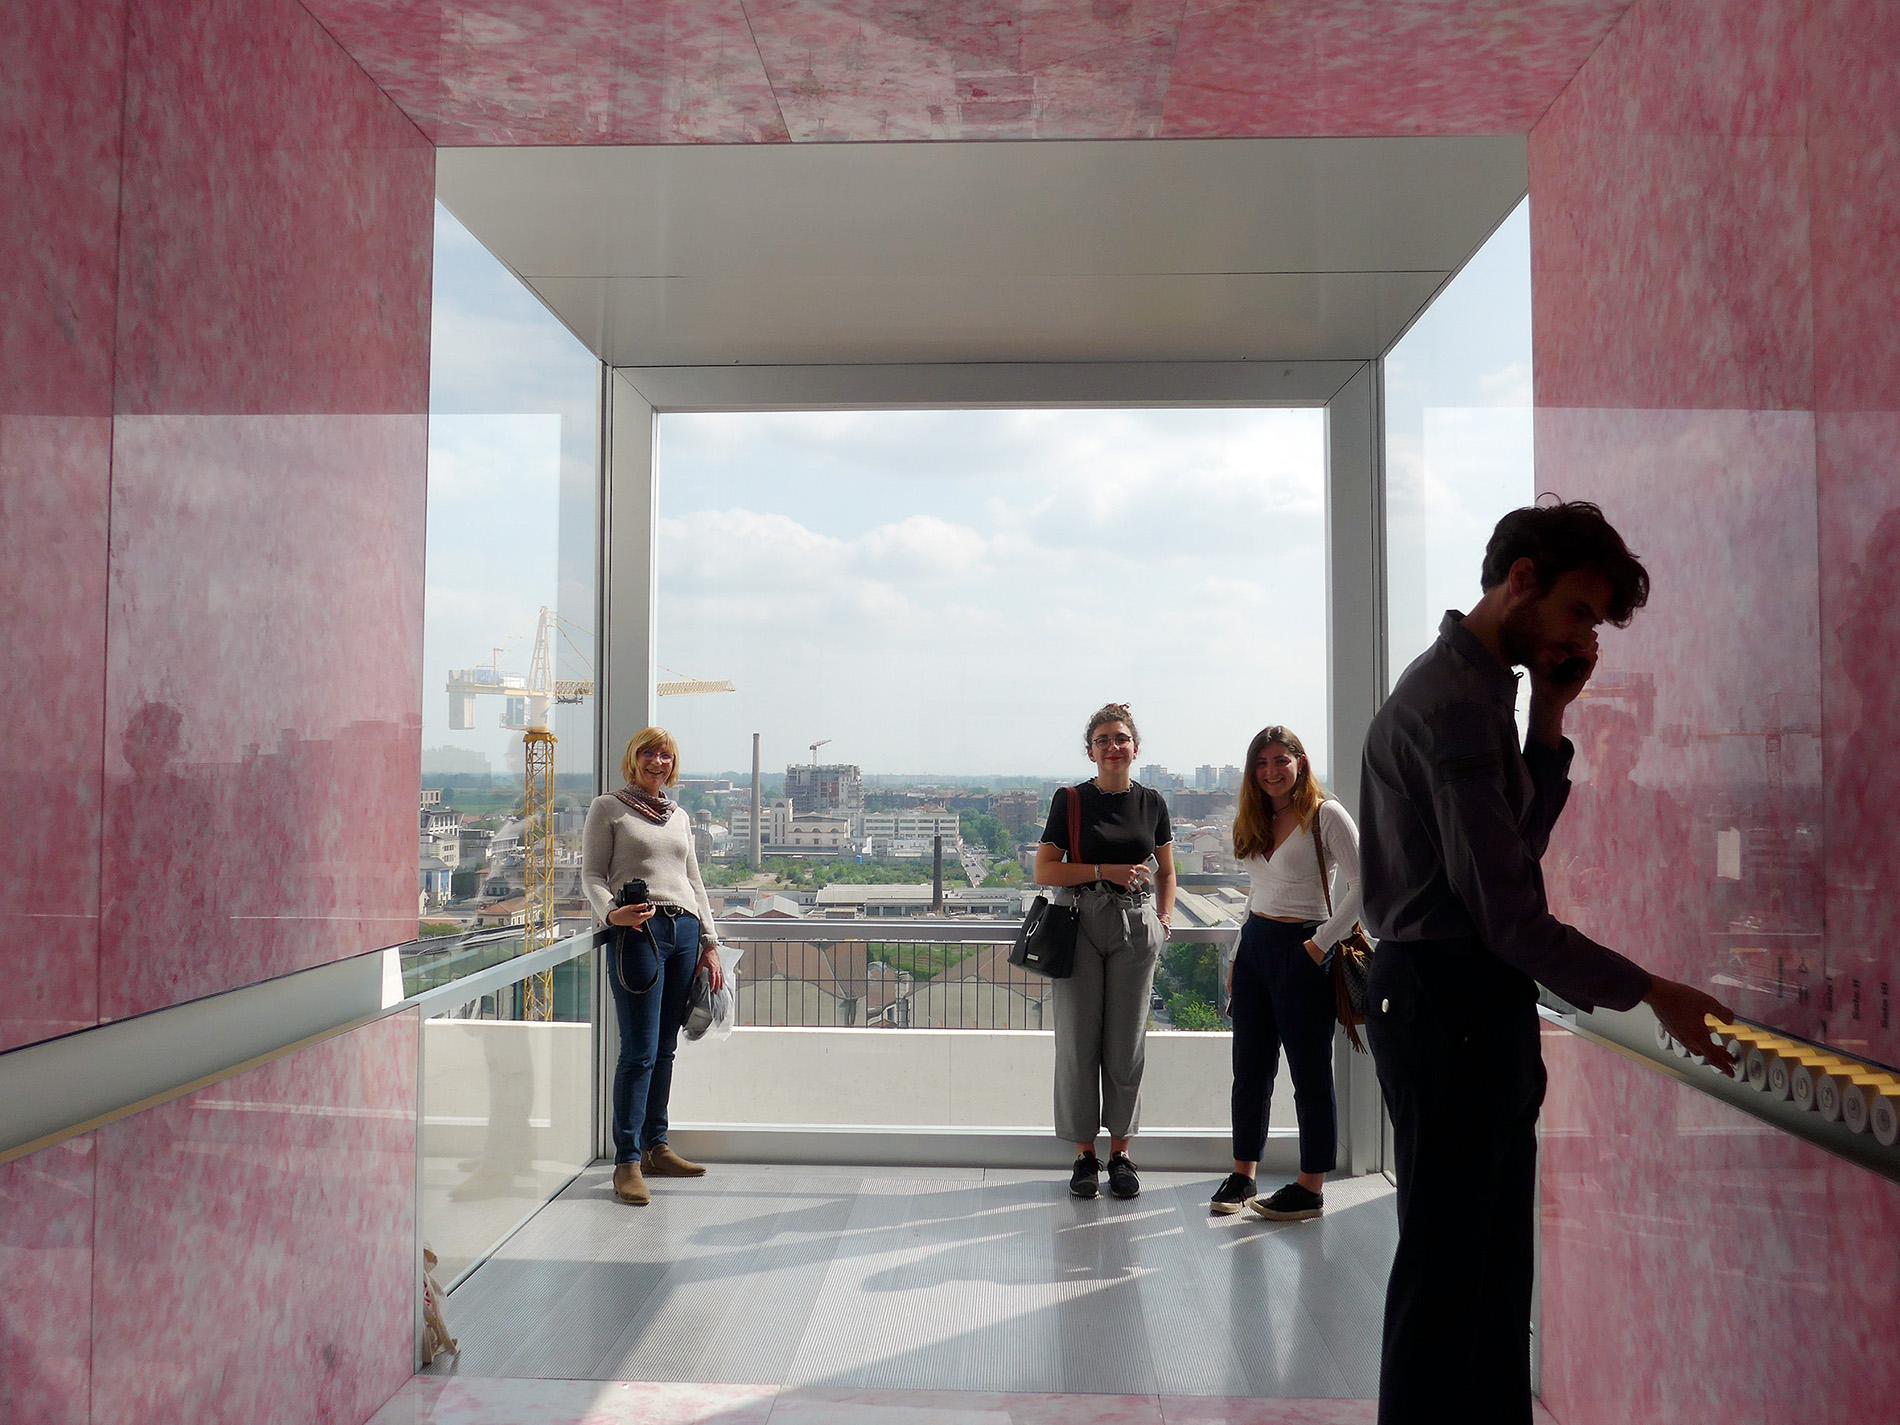 Torre – Fondazione Prada, Lift und Aussicht Richtung Süden, wo bald die Felder beginnen. Architekturprojekt OMA (Foto: Barbara Fässler)